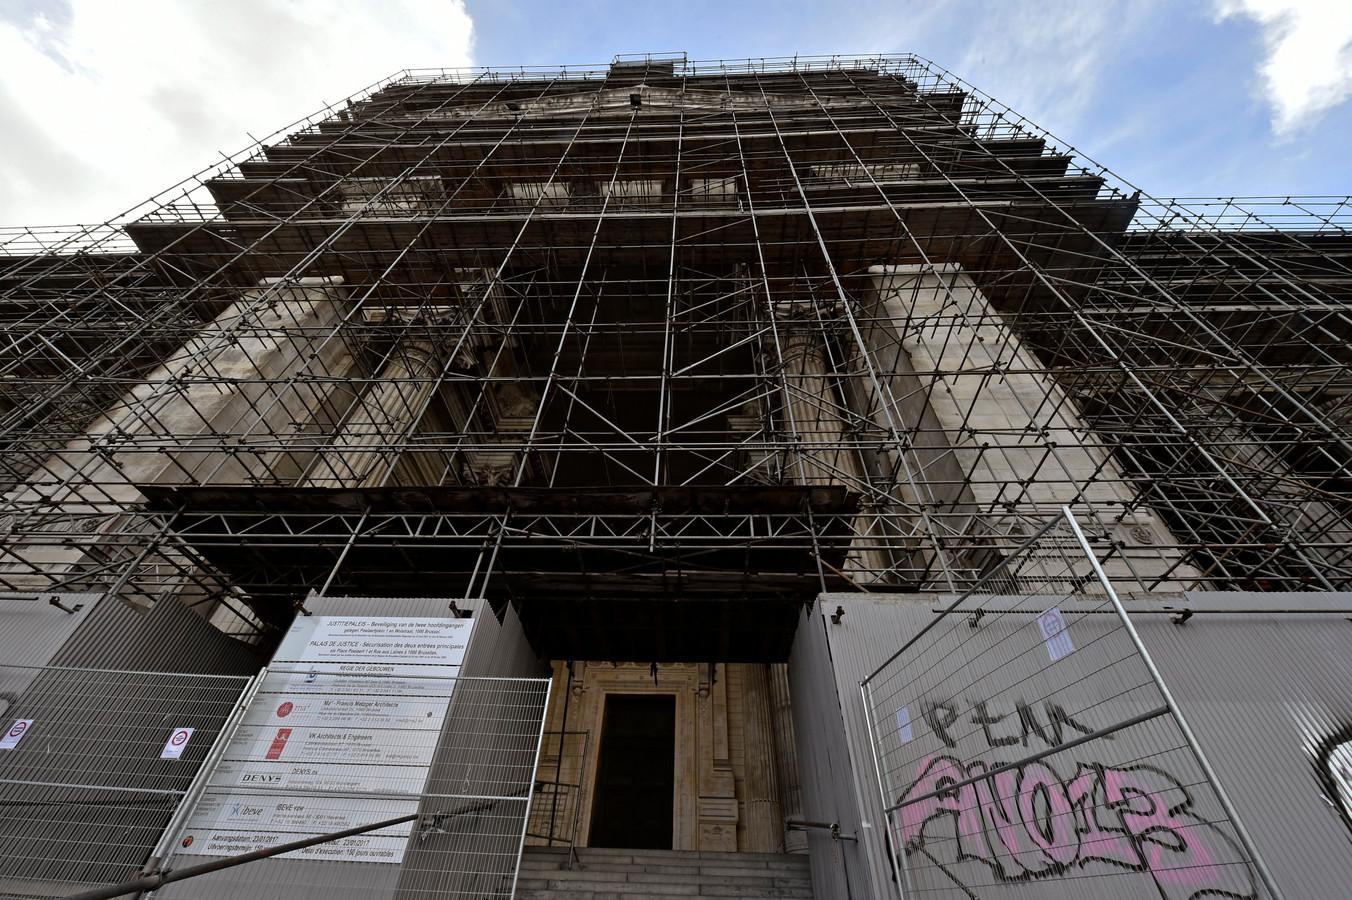 Le palais de justice de Bruxelles sans échafaudages, c'est une image que les moins de 40 ans ne peuvent pas connaître, ou du moins s'en souvenir.